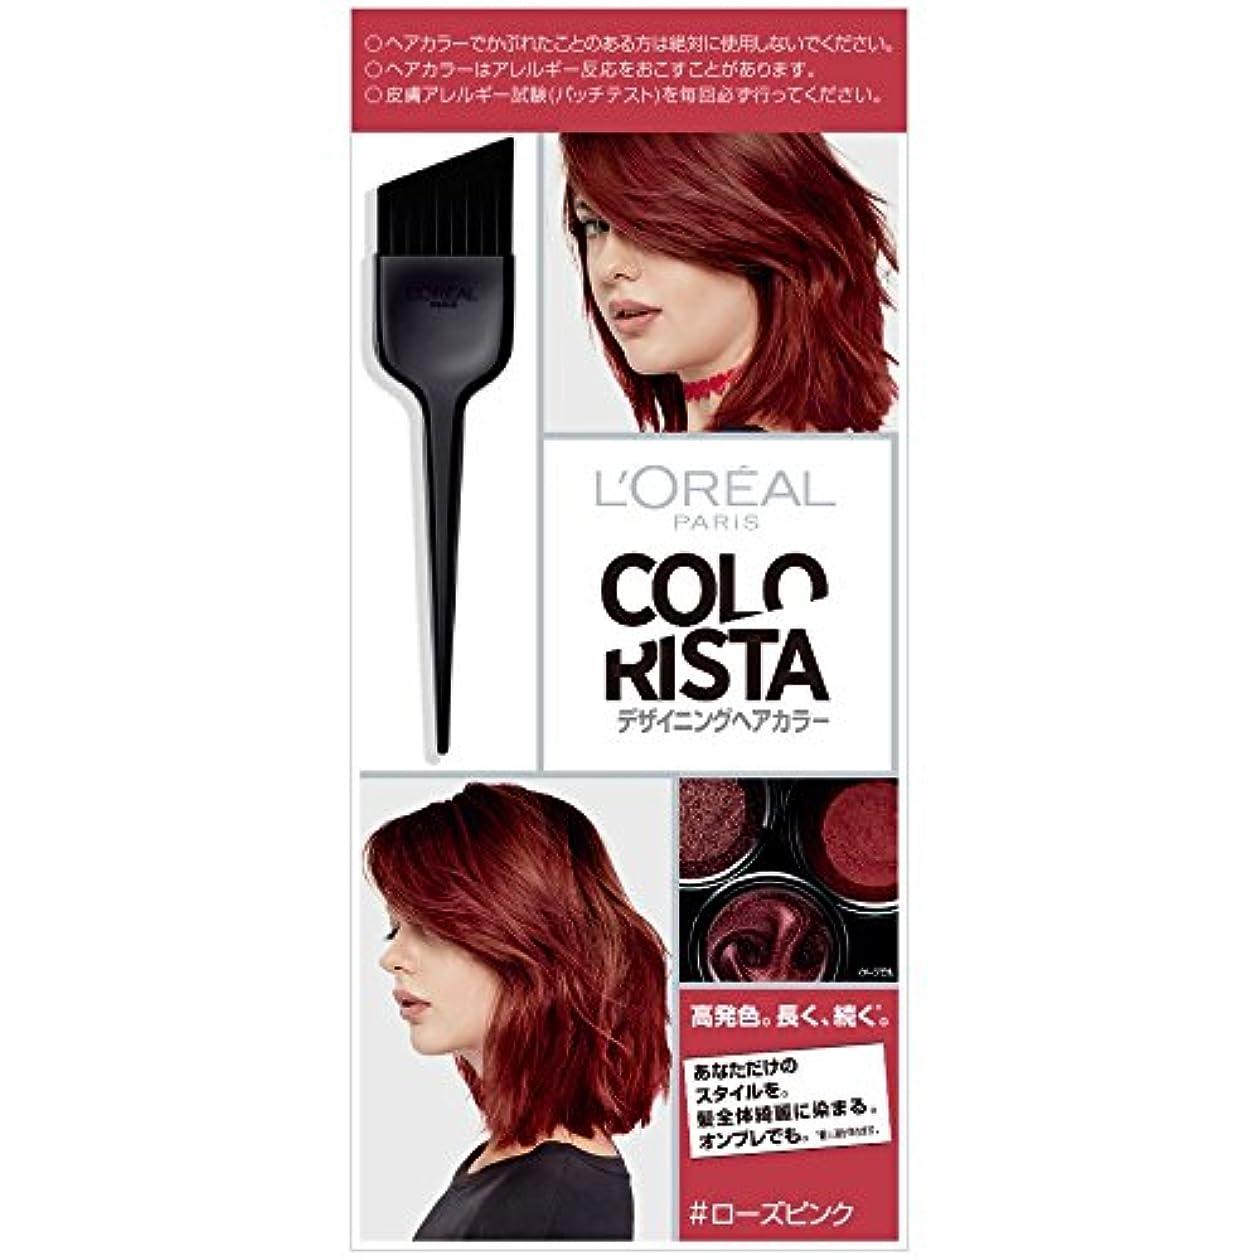 二次カーテン代名詞ロレアル パリ カラーリスタ デザイニングヘアカラー ローズピンク